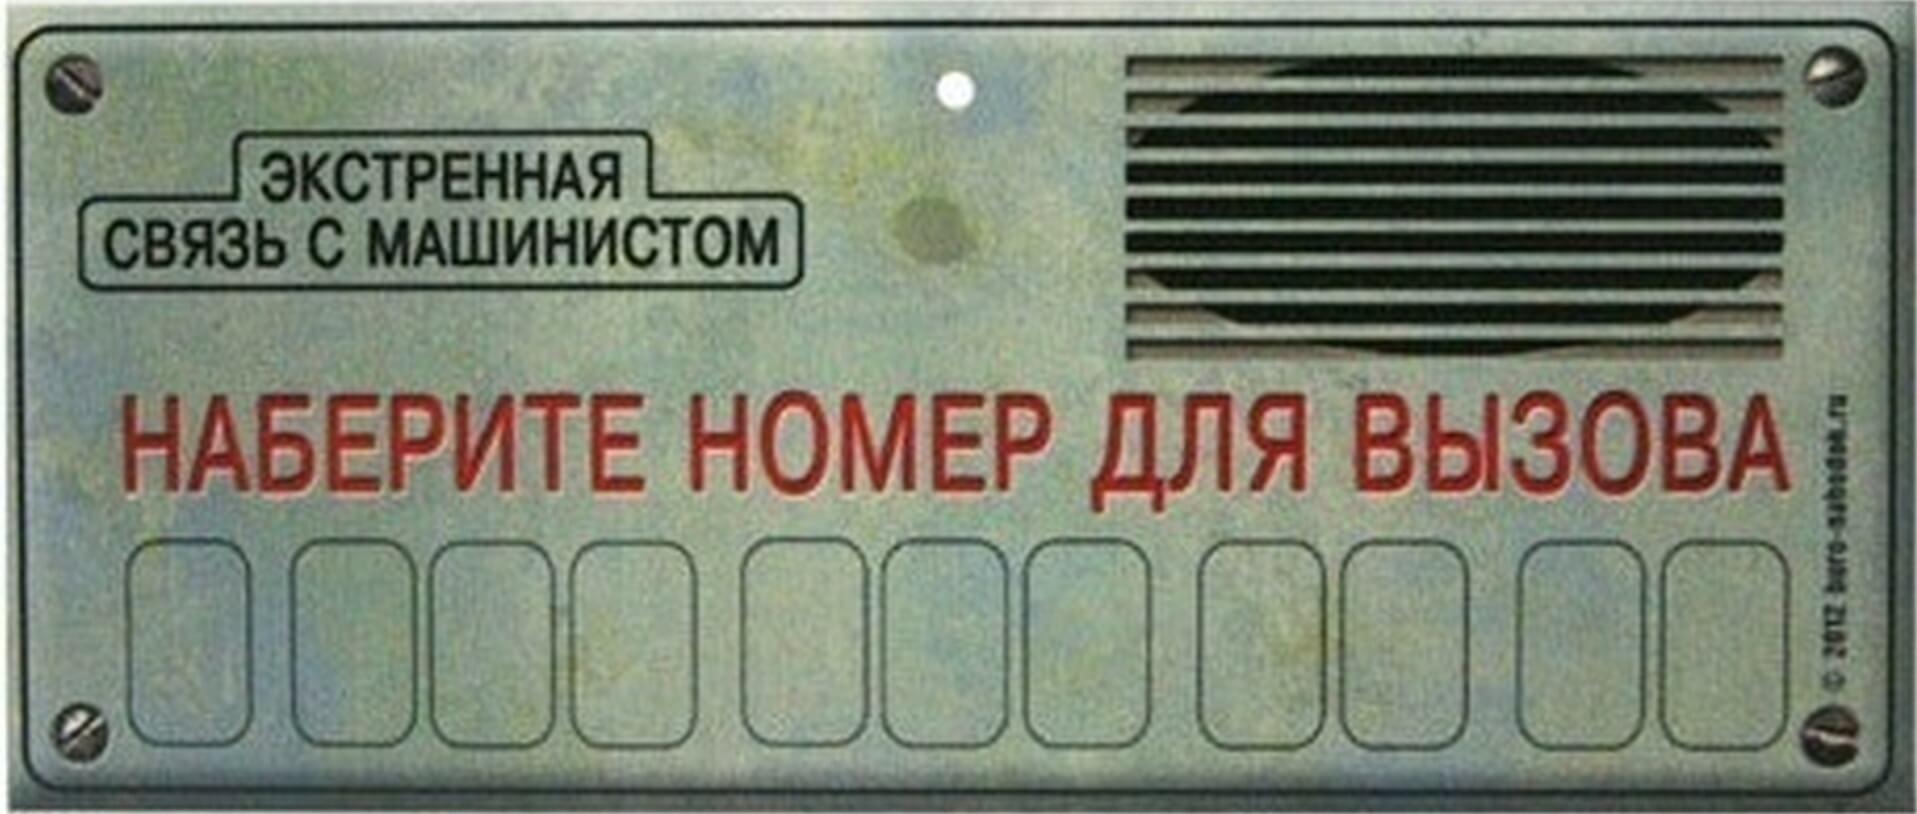 Карточка с телефоном для машины